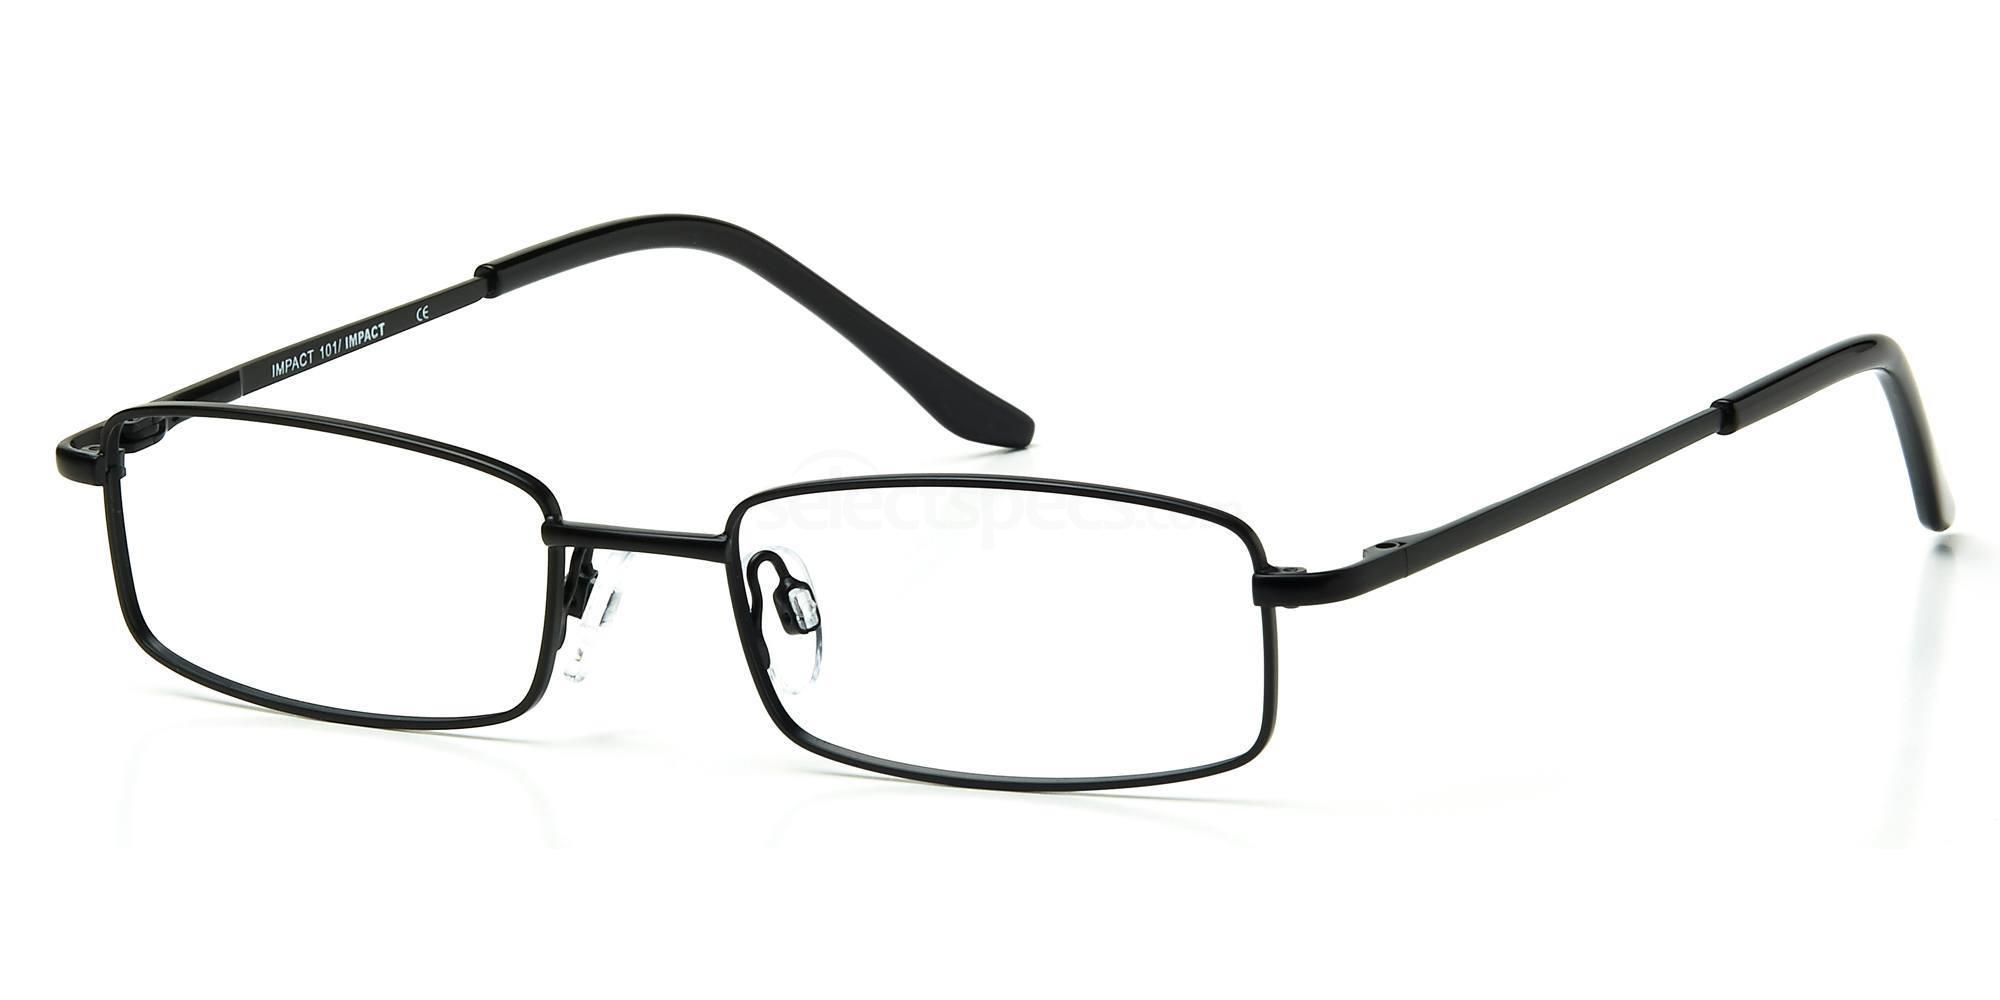 C1 IMPACT101 Glasses, Impact